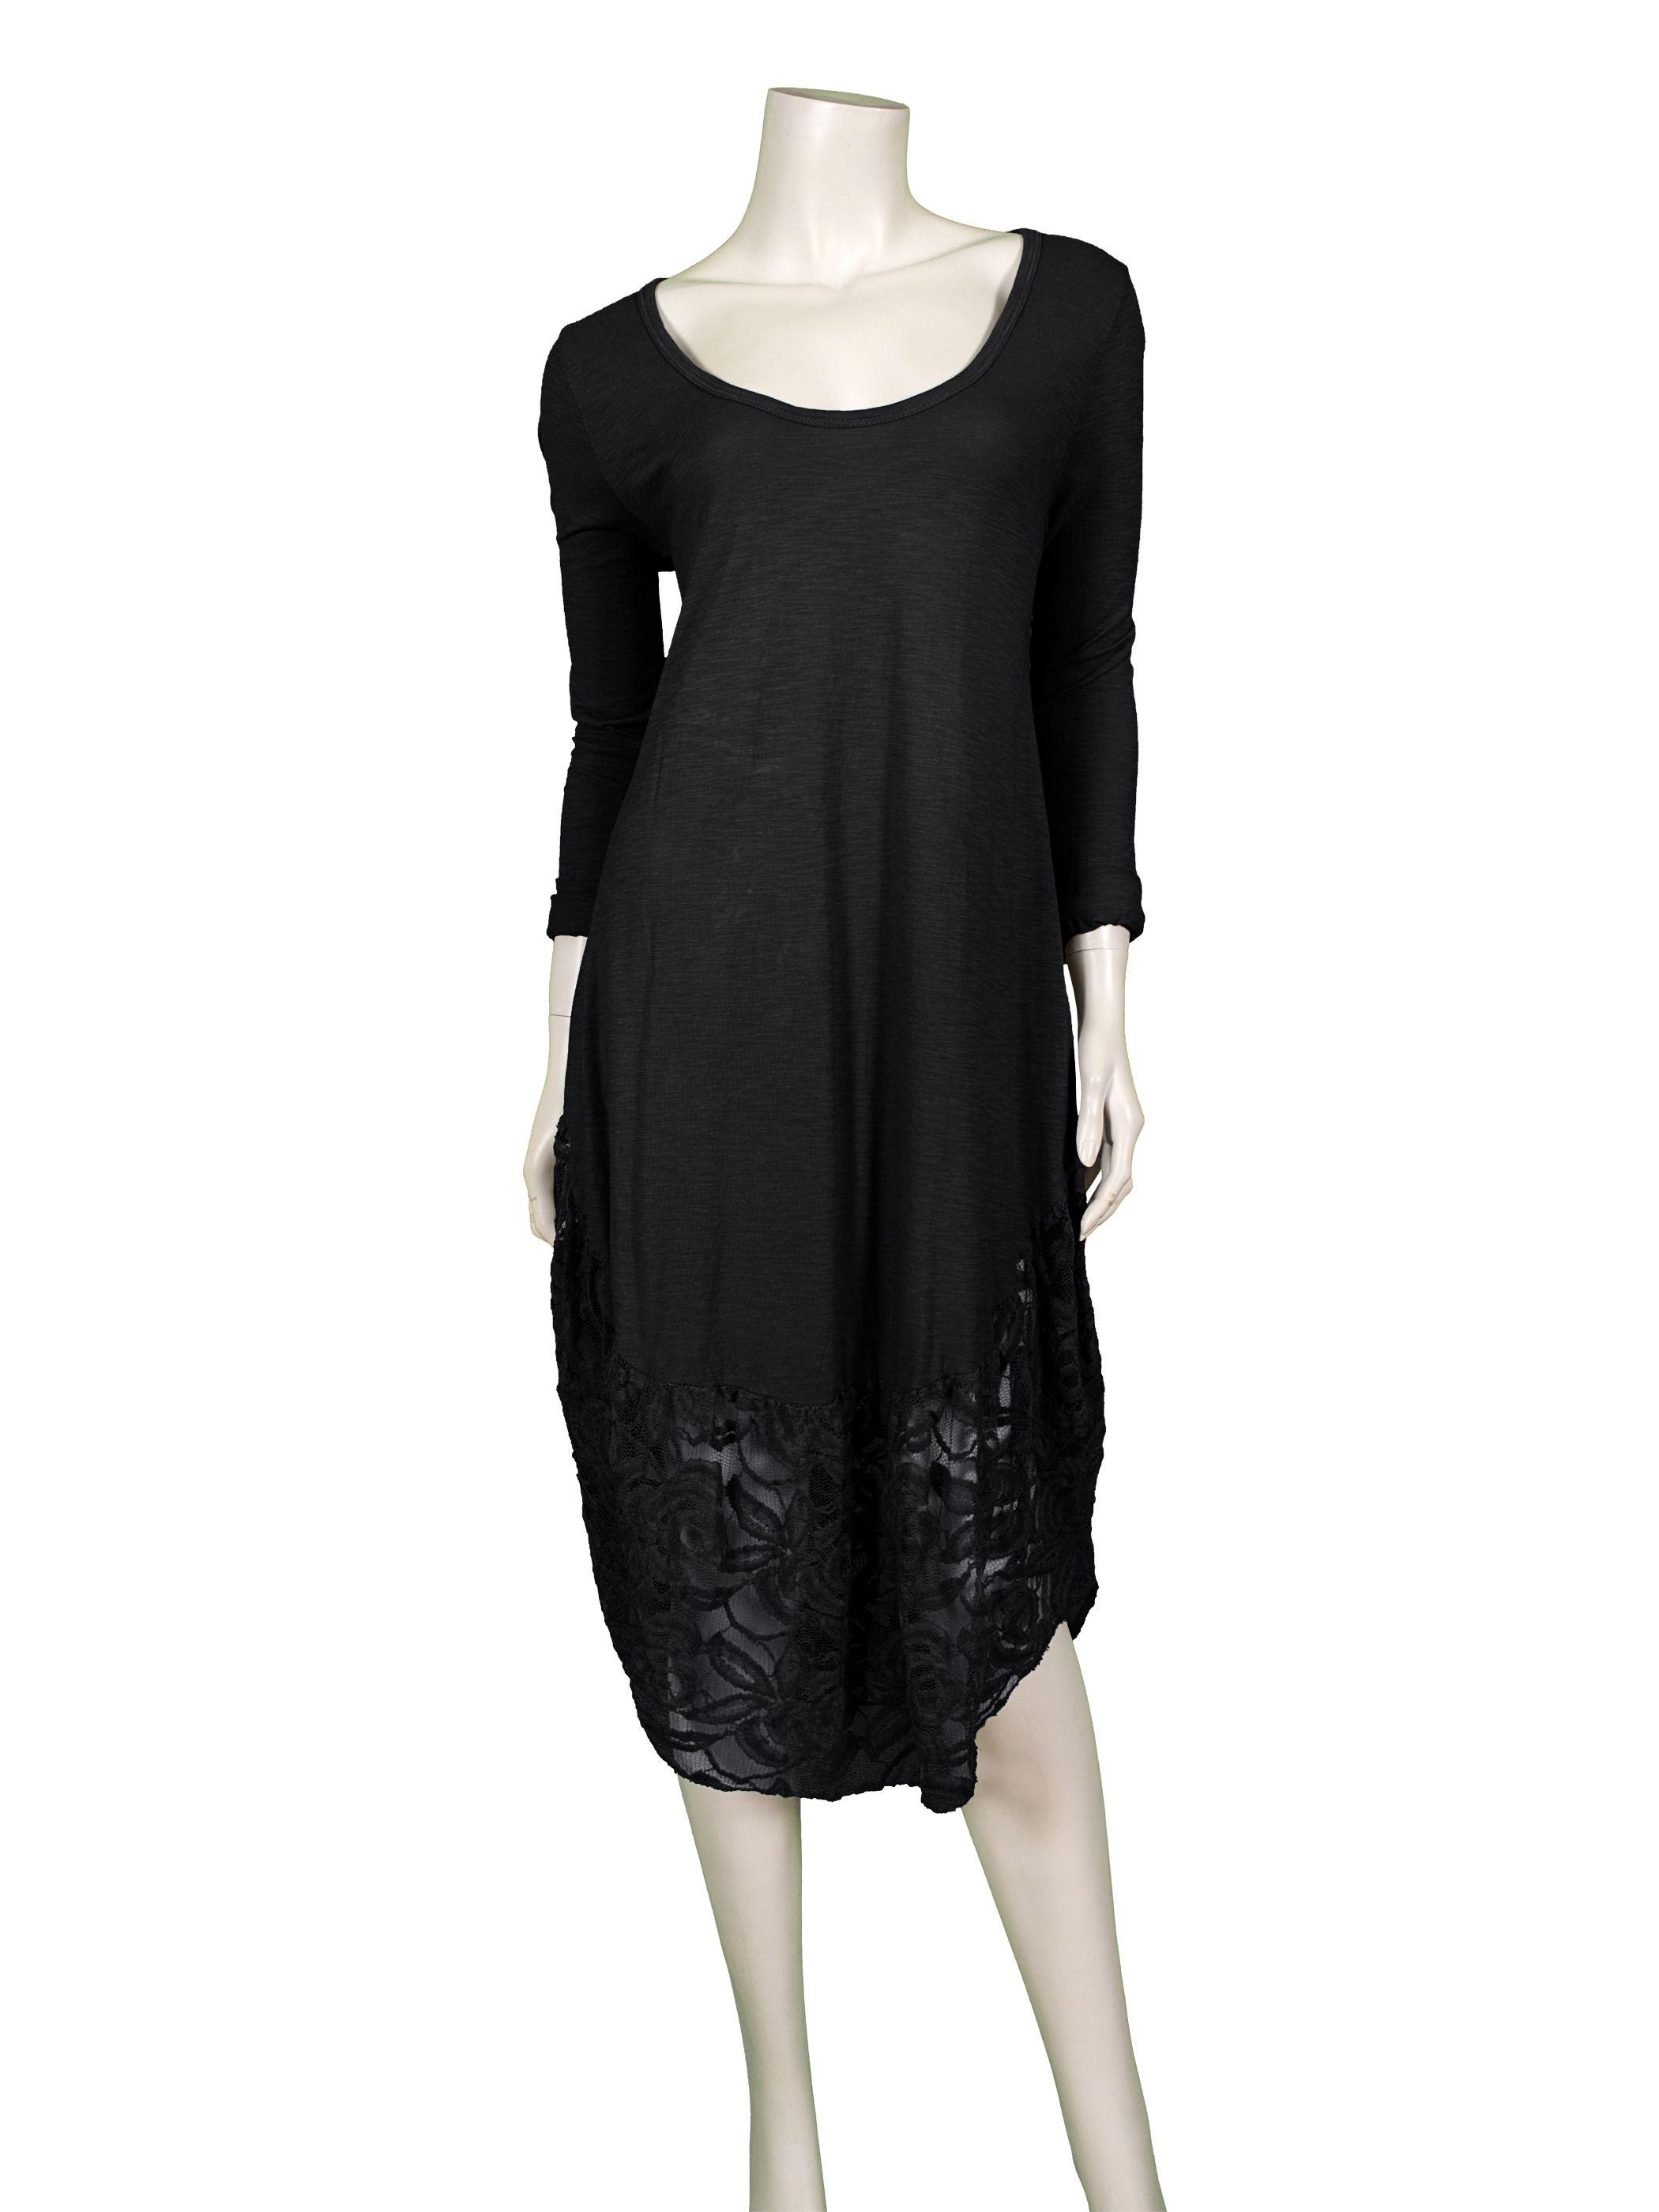 Kleid mit Spitze, schwarz - Online Shop meinkleidchen.de ...